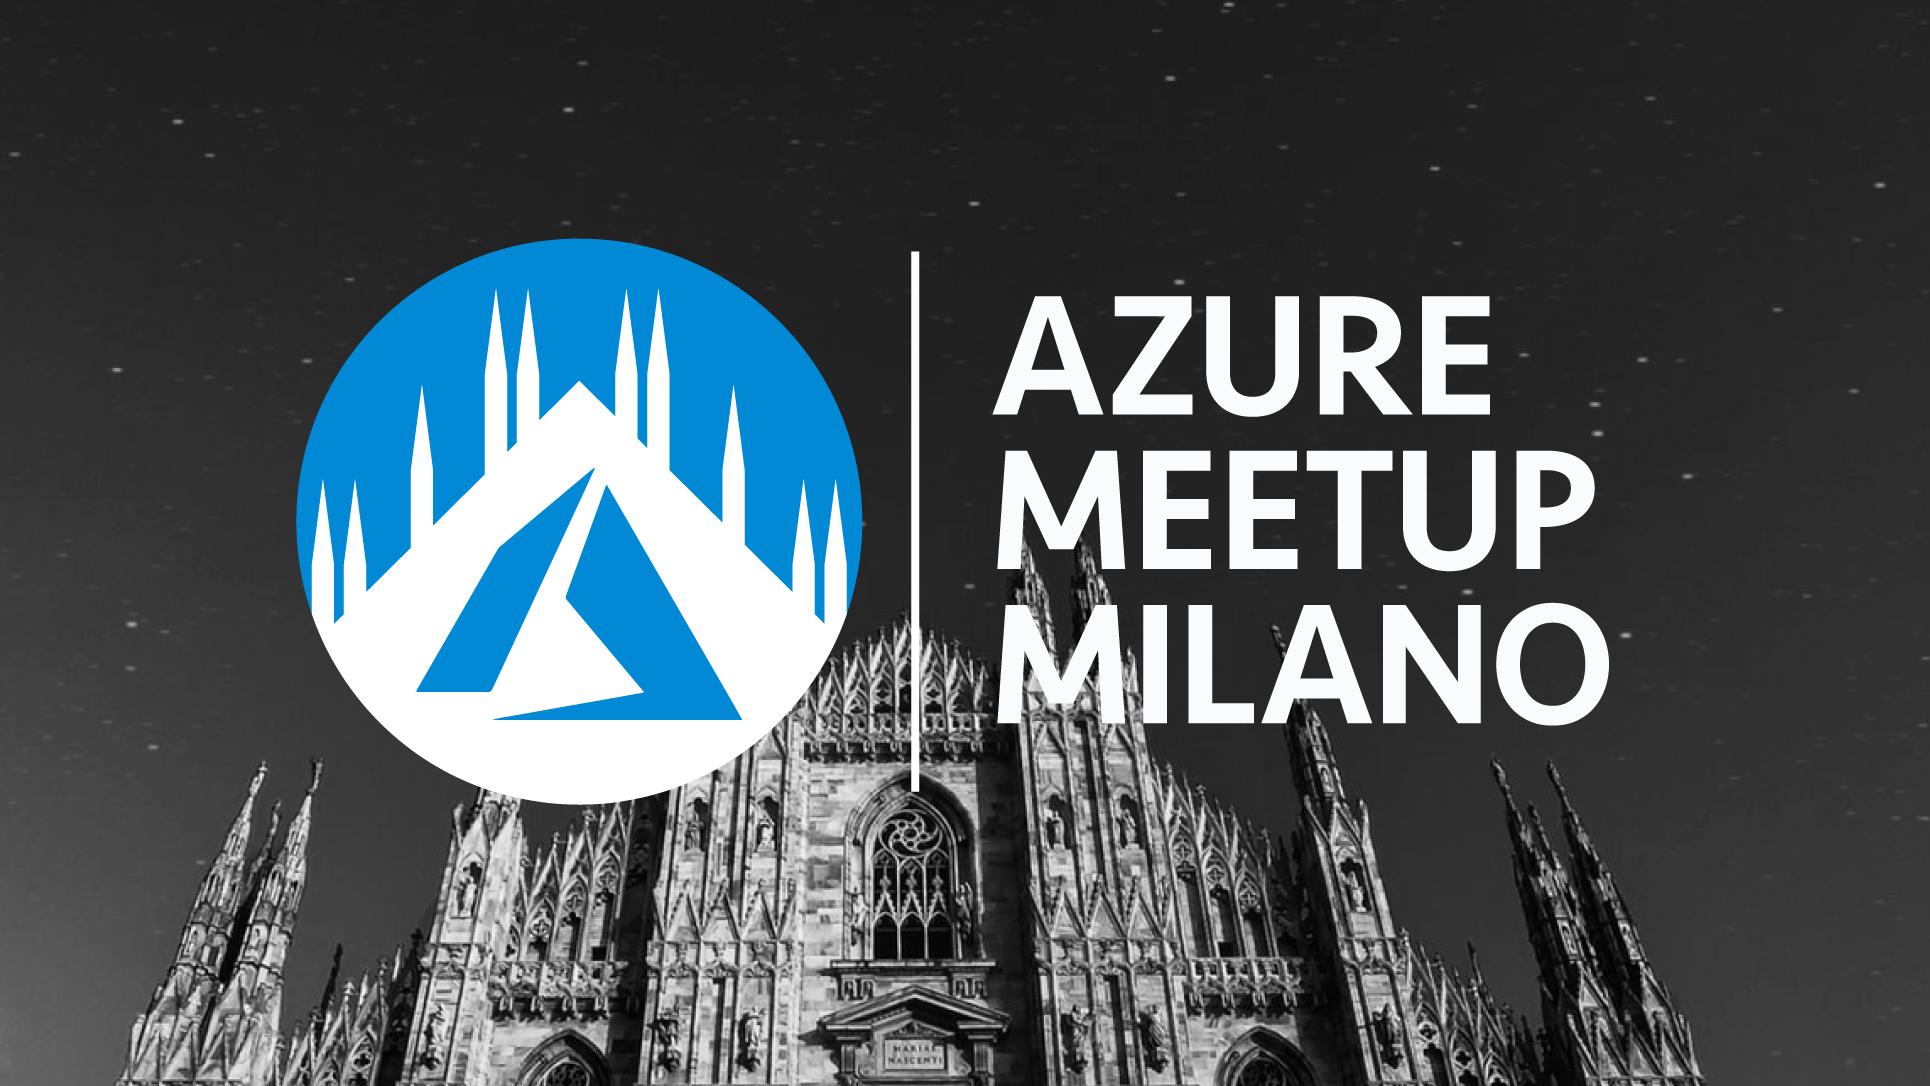 Azure Meetup Milano